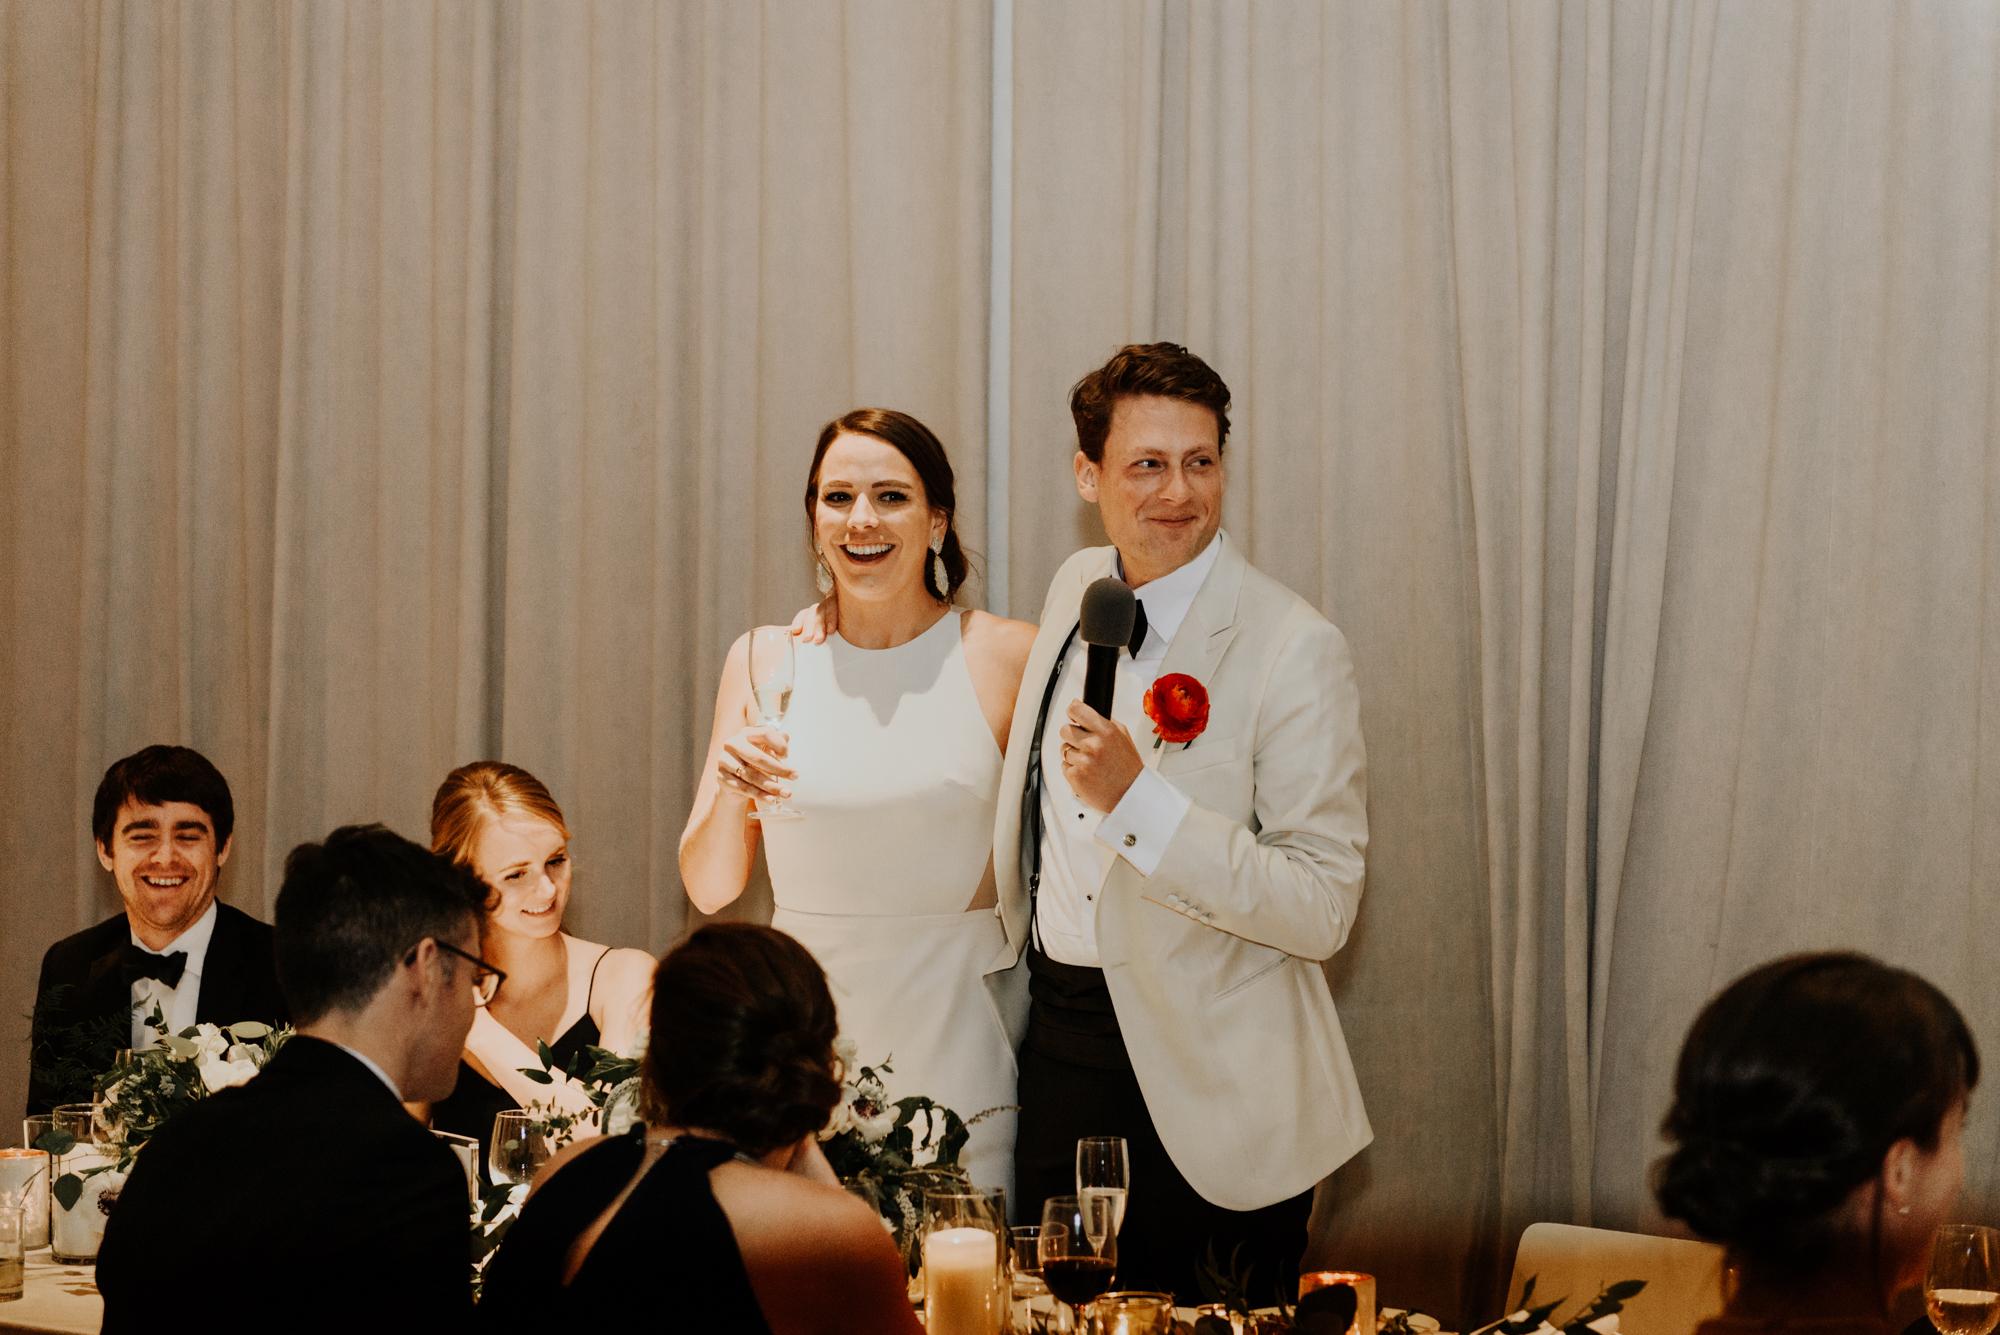 South Congress Hotel Intimate Wedding Reception Photos Austin, Texas